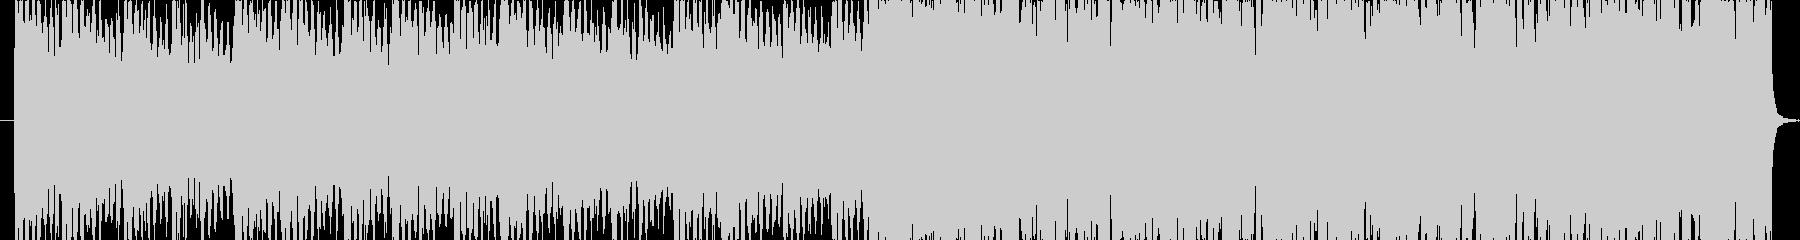 チュートリアル、設定画面にの未再生の波形